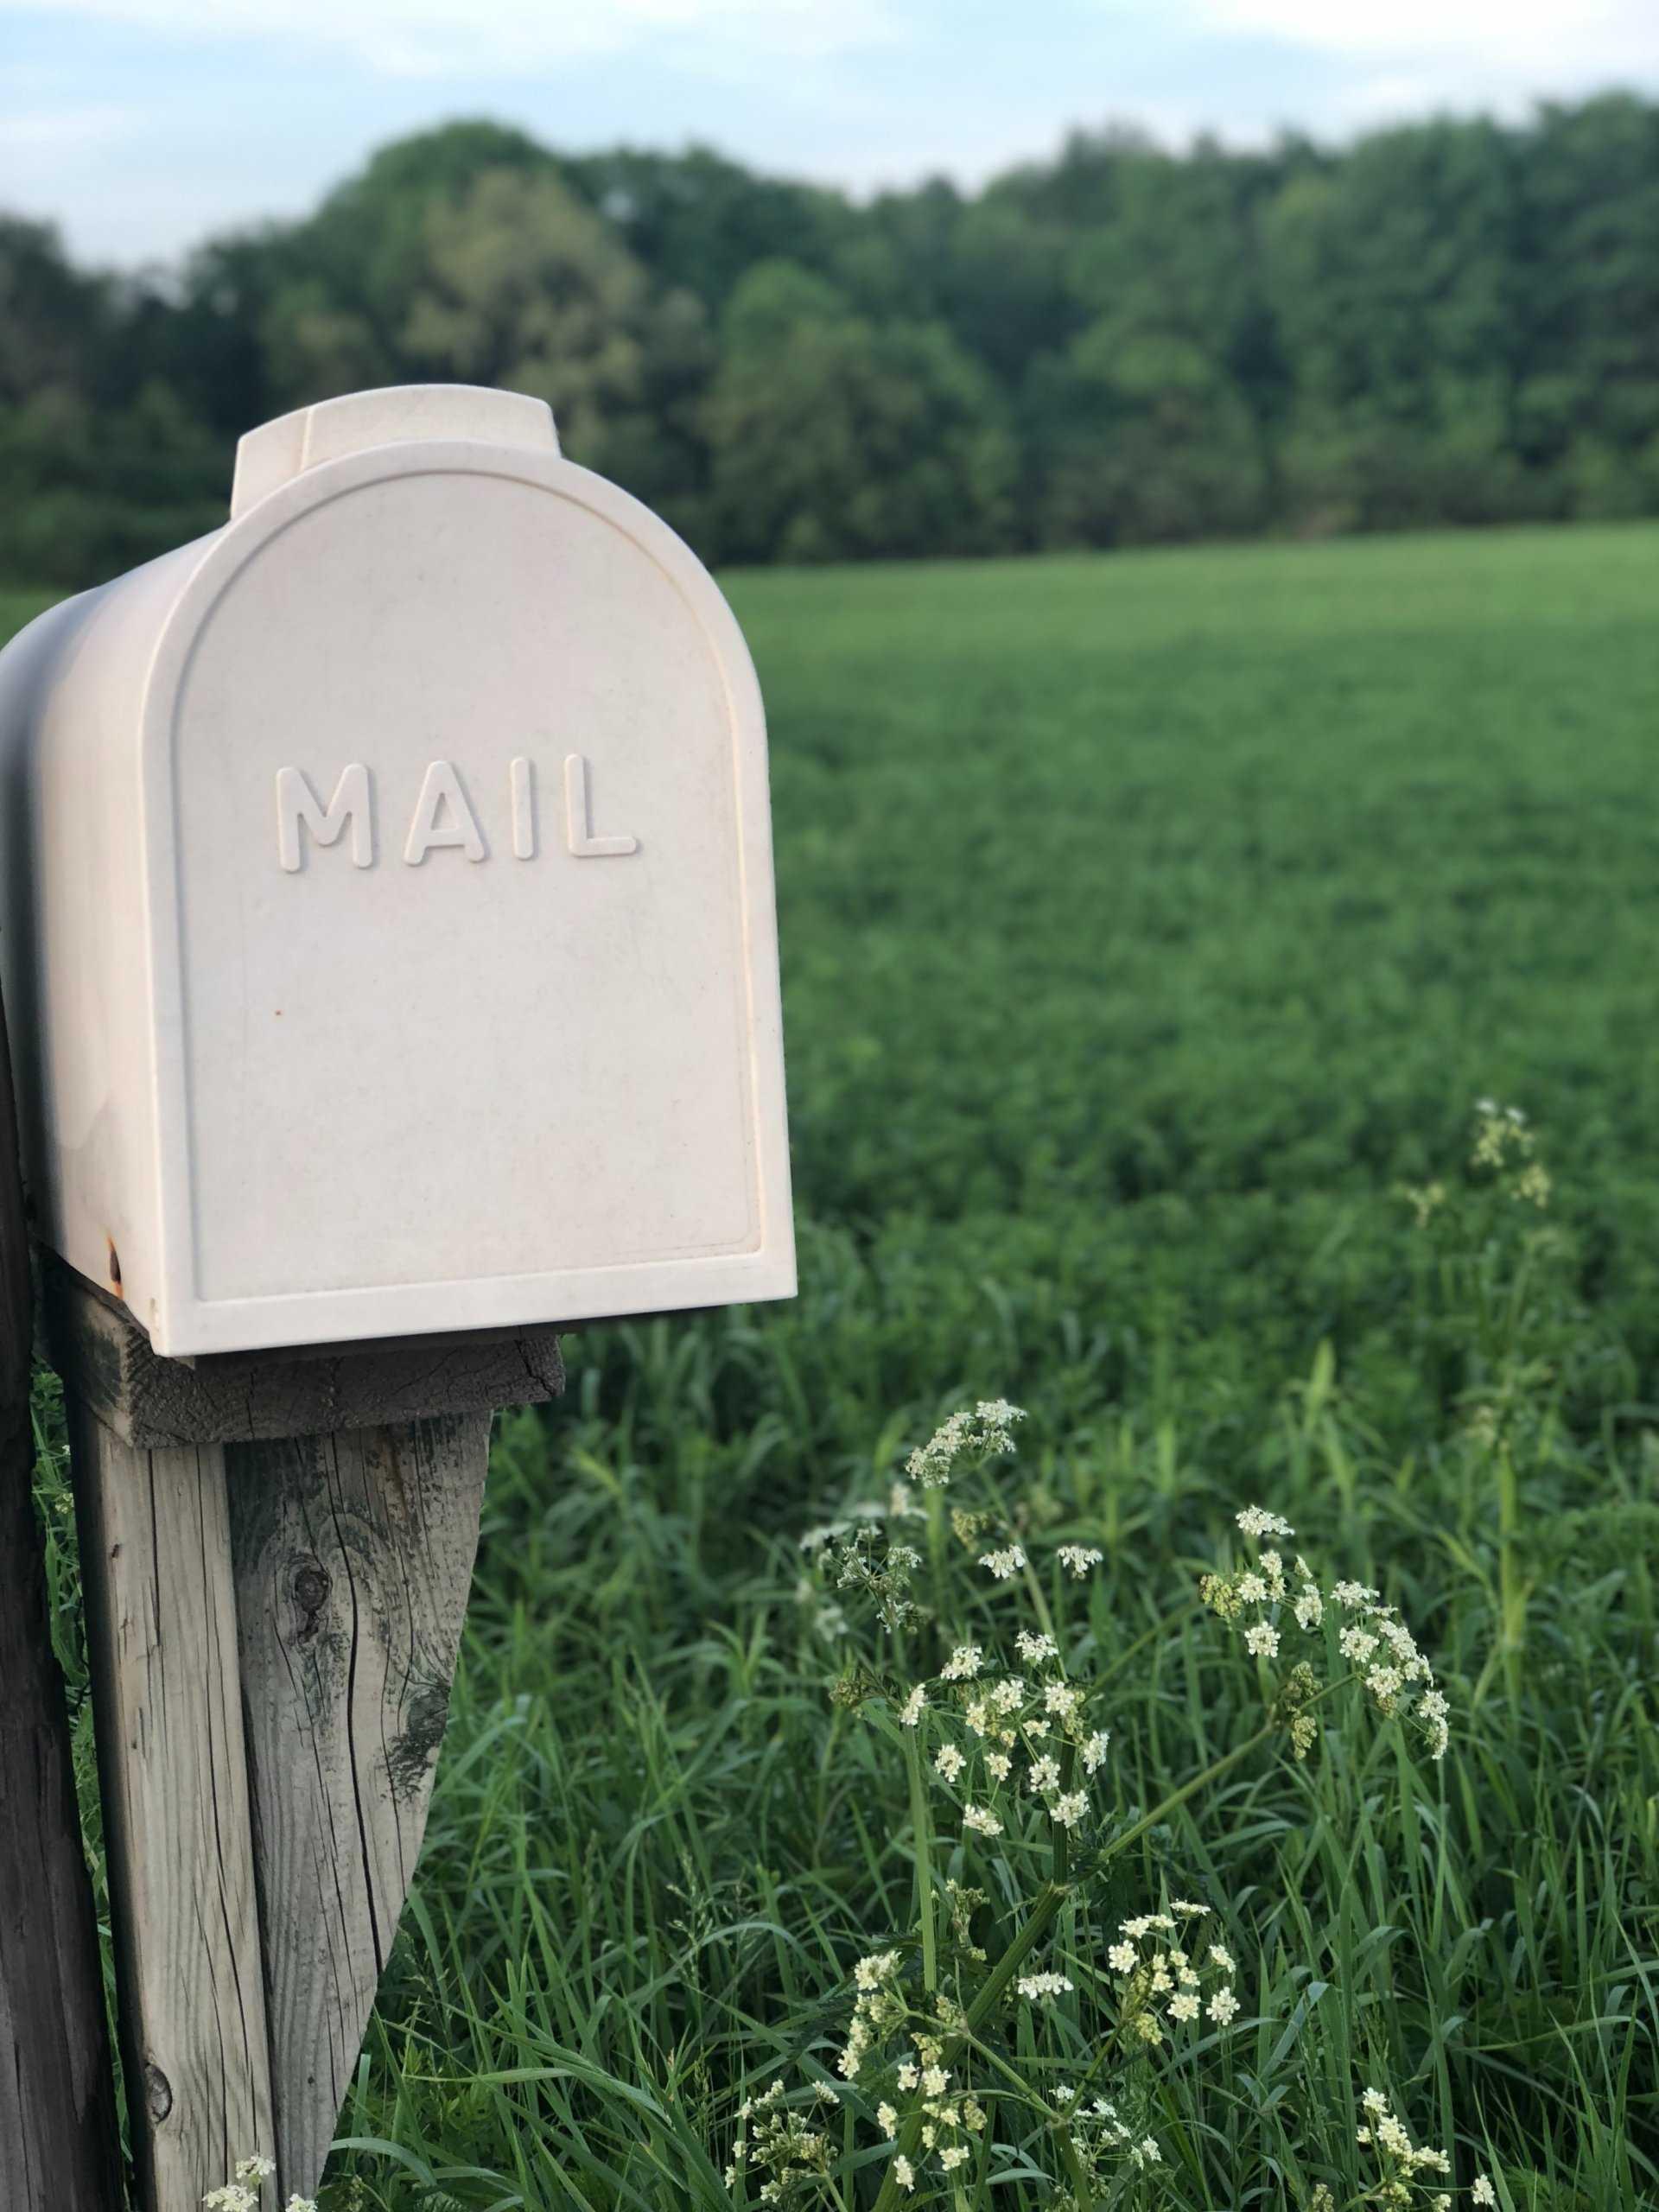 วิธีสมัครหรือสร้างอีเมลฮอตเมล email hotmail ใหม่บนมือถือ 2021/2564